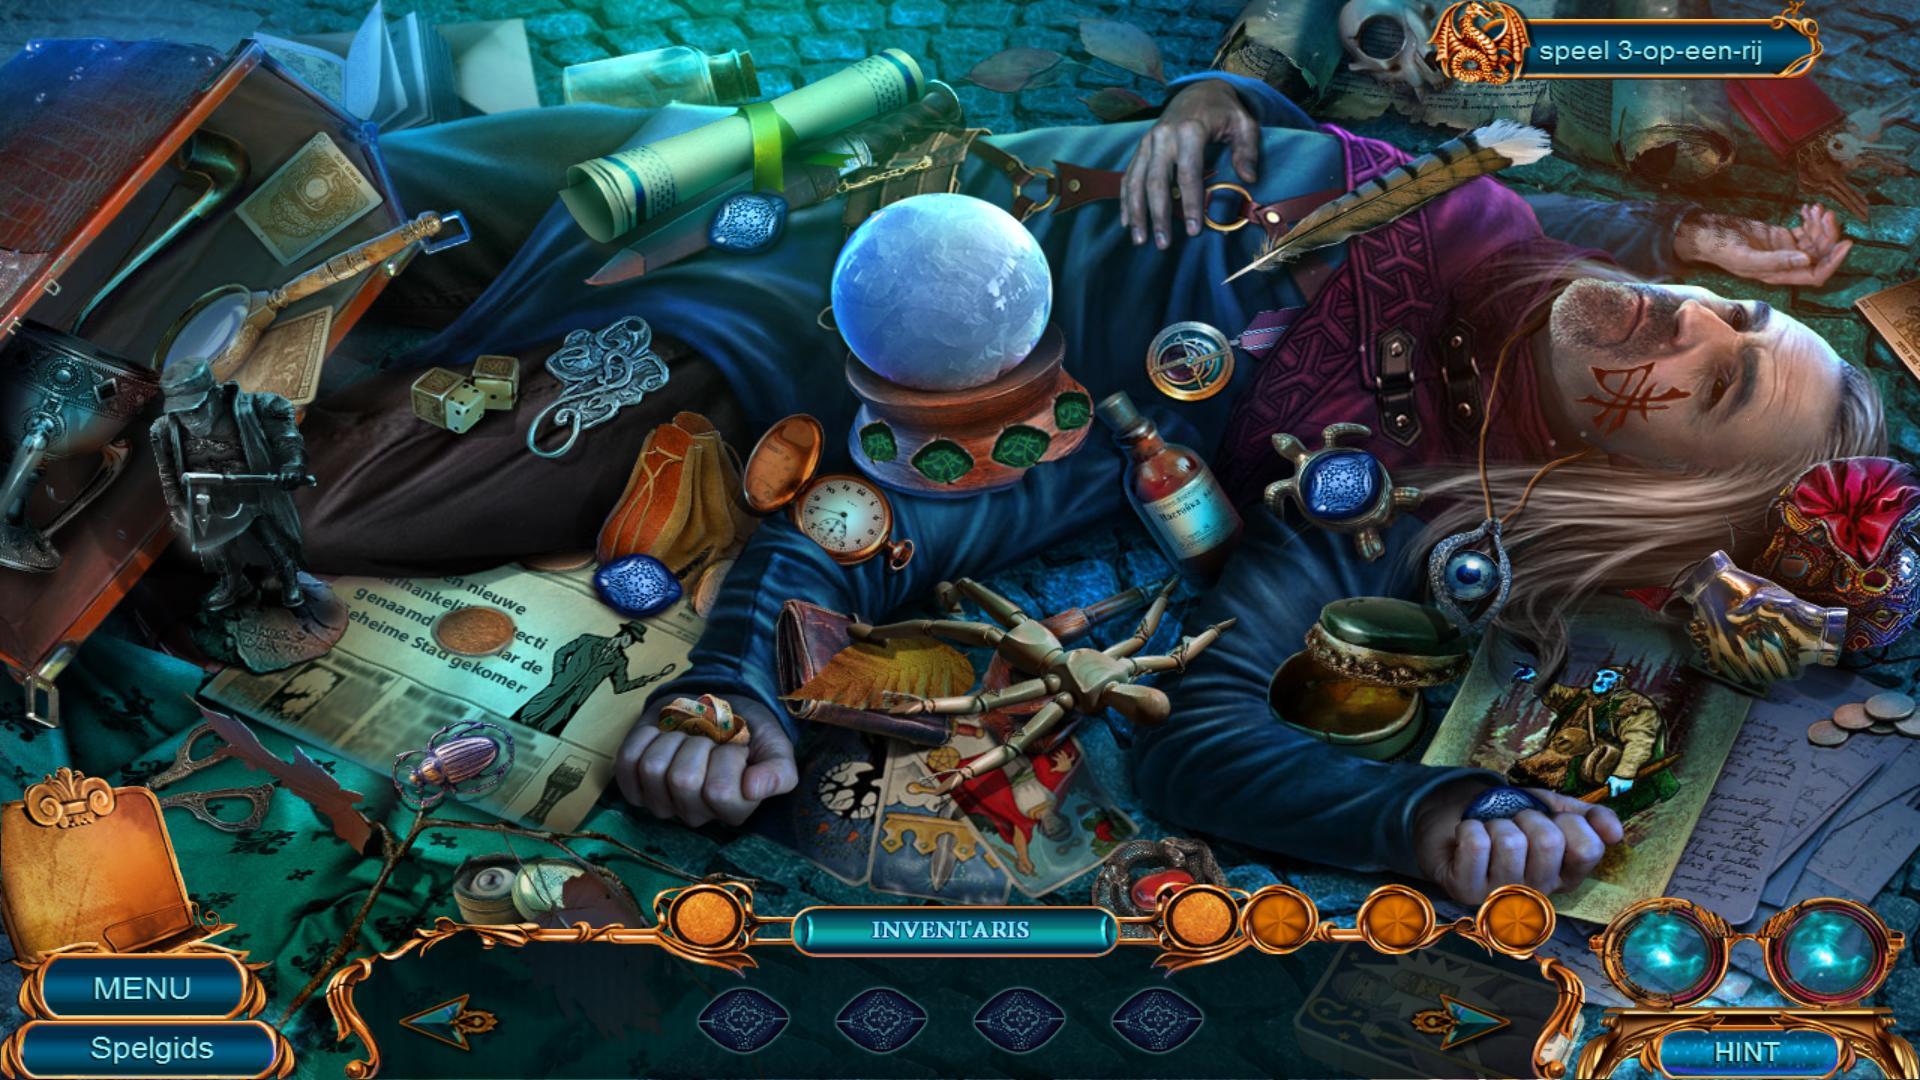 3v€10: Secret City 1 - 2 - 3 - Speel leuke spelletjes